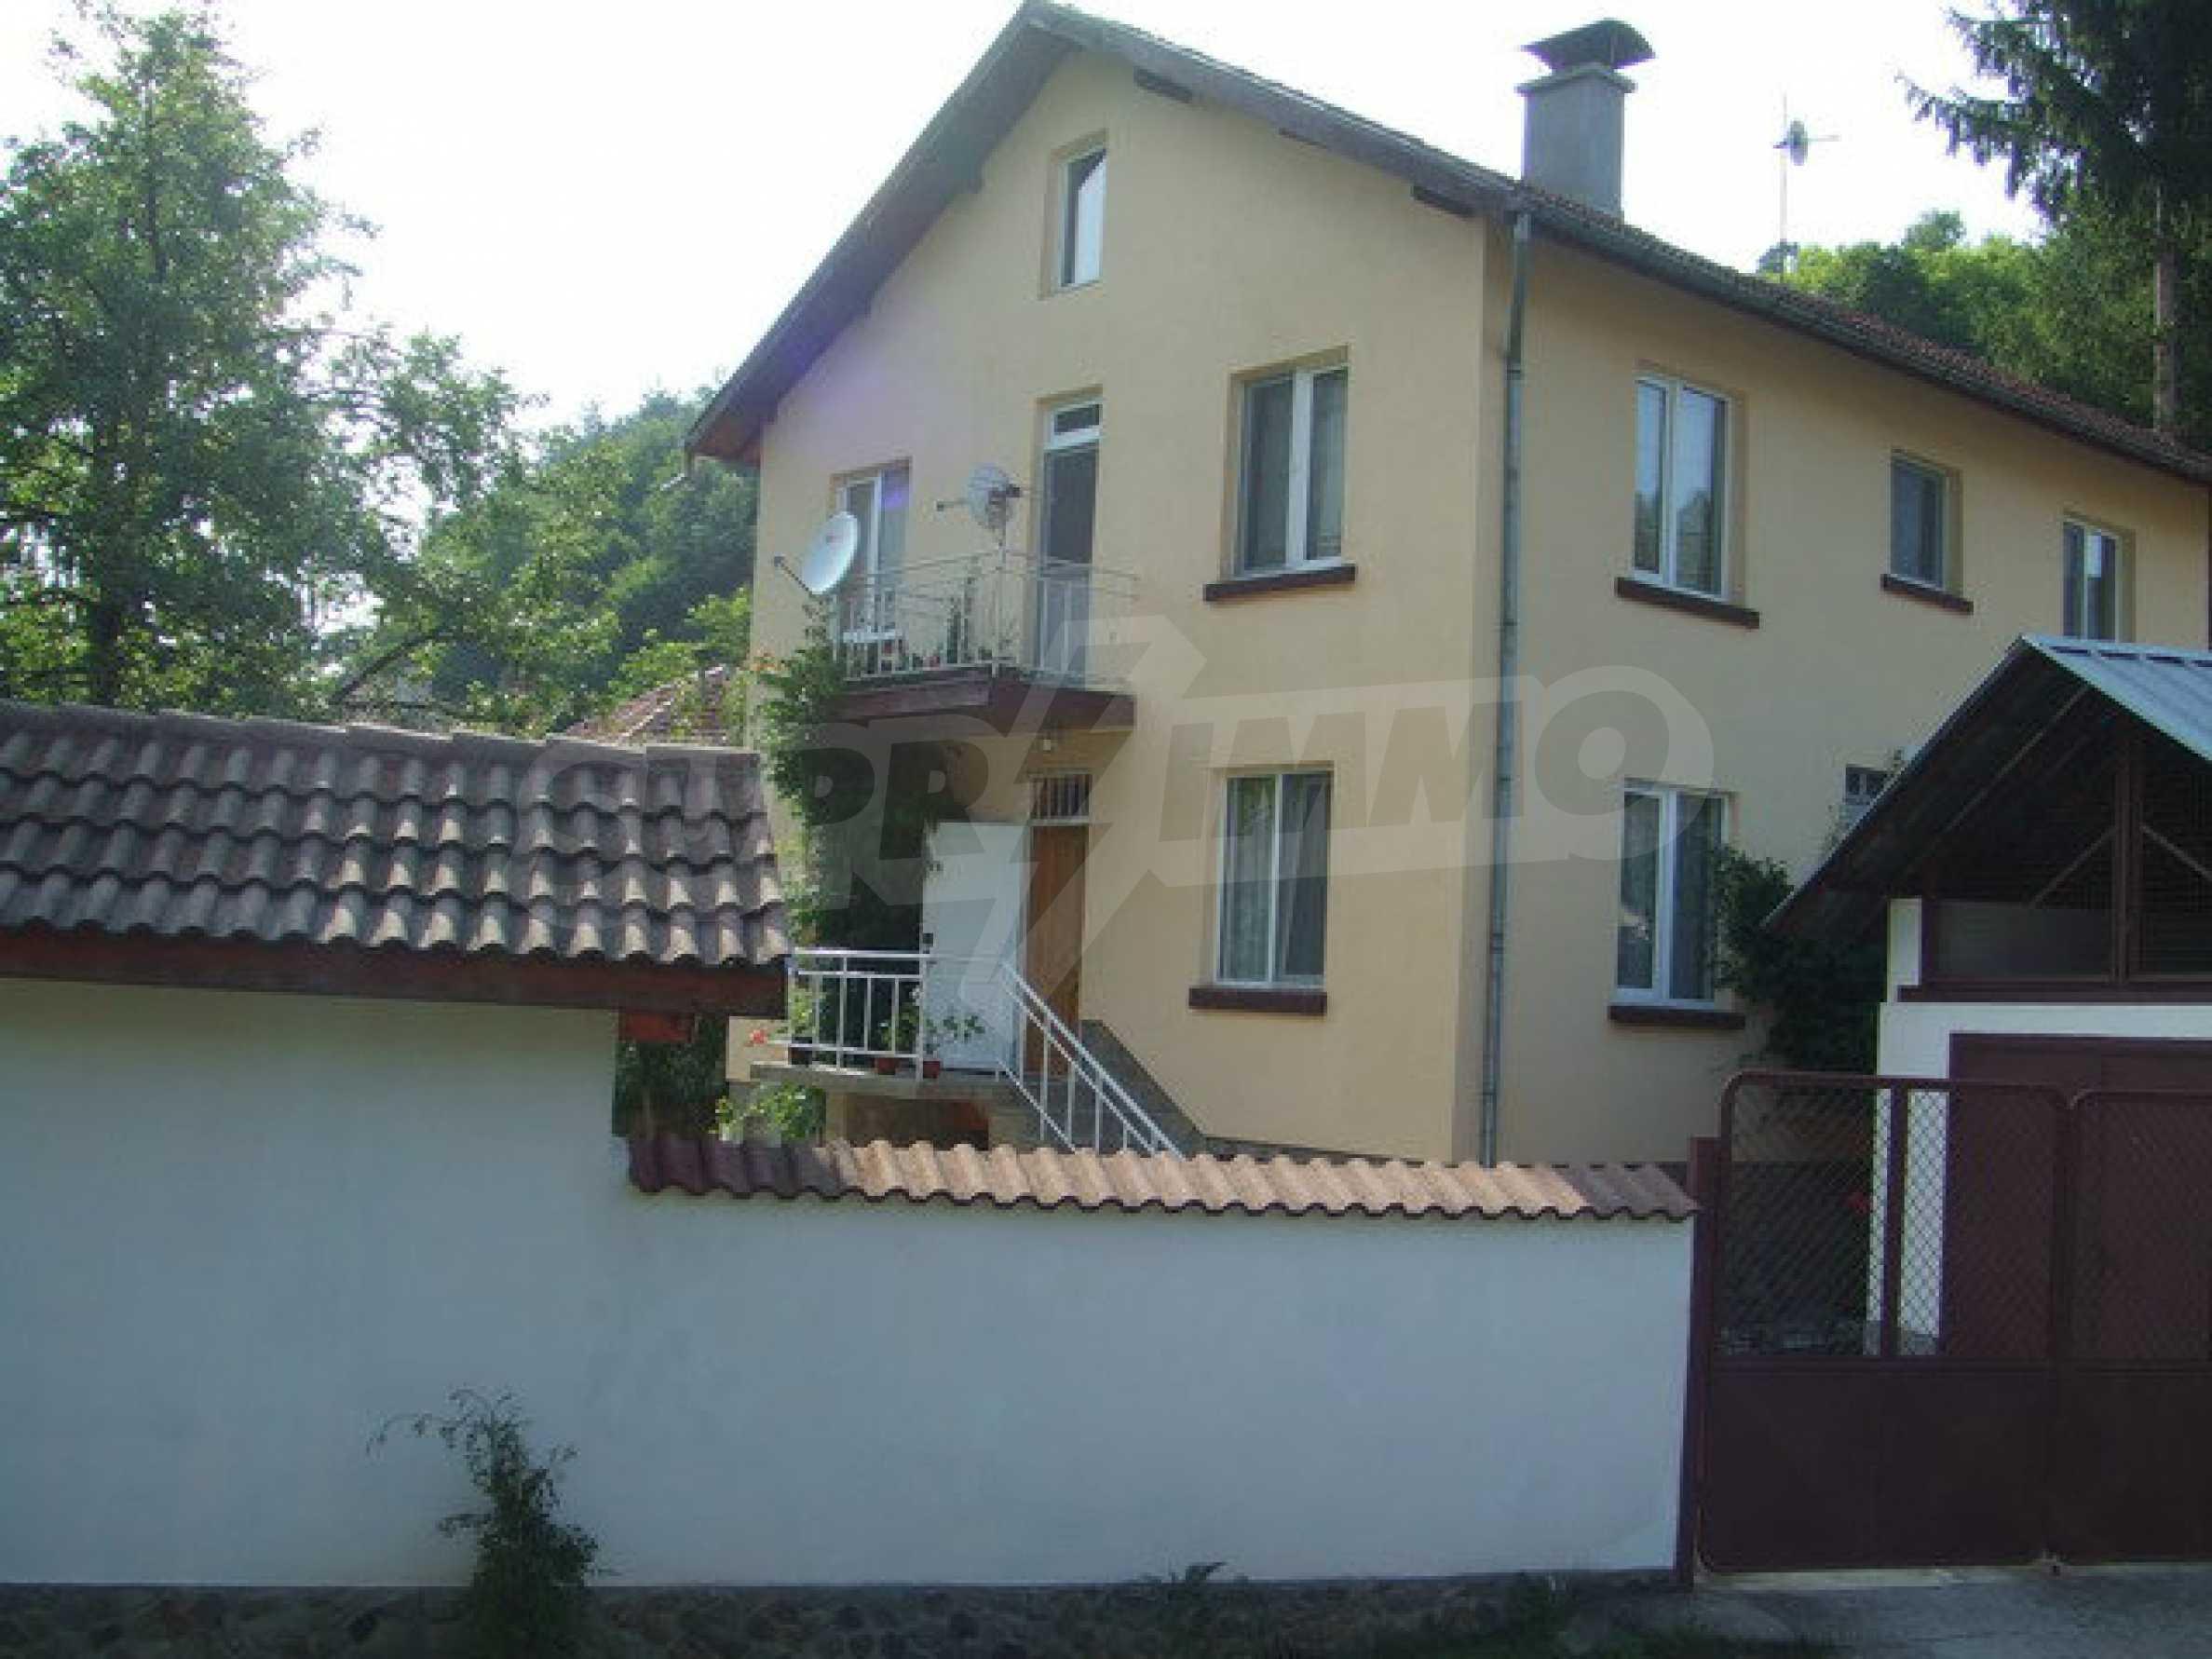 Voll möblierte und ausgestattete Etage eines Hauses mit Garten in einem Dorf 8 km. aus Trjawna 2